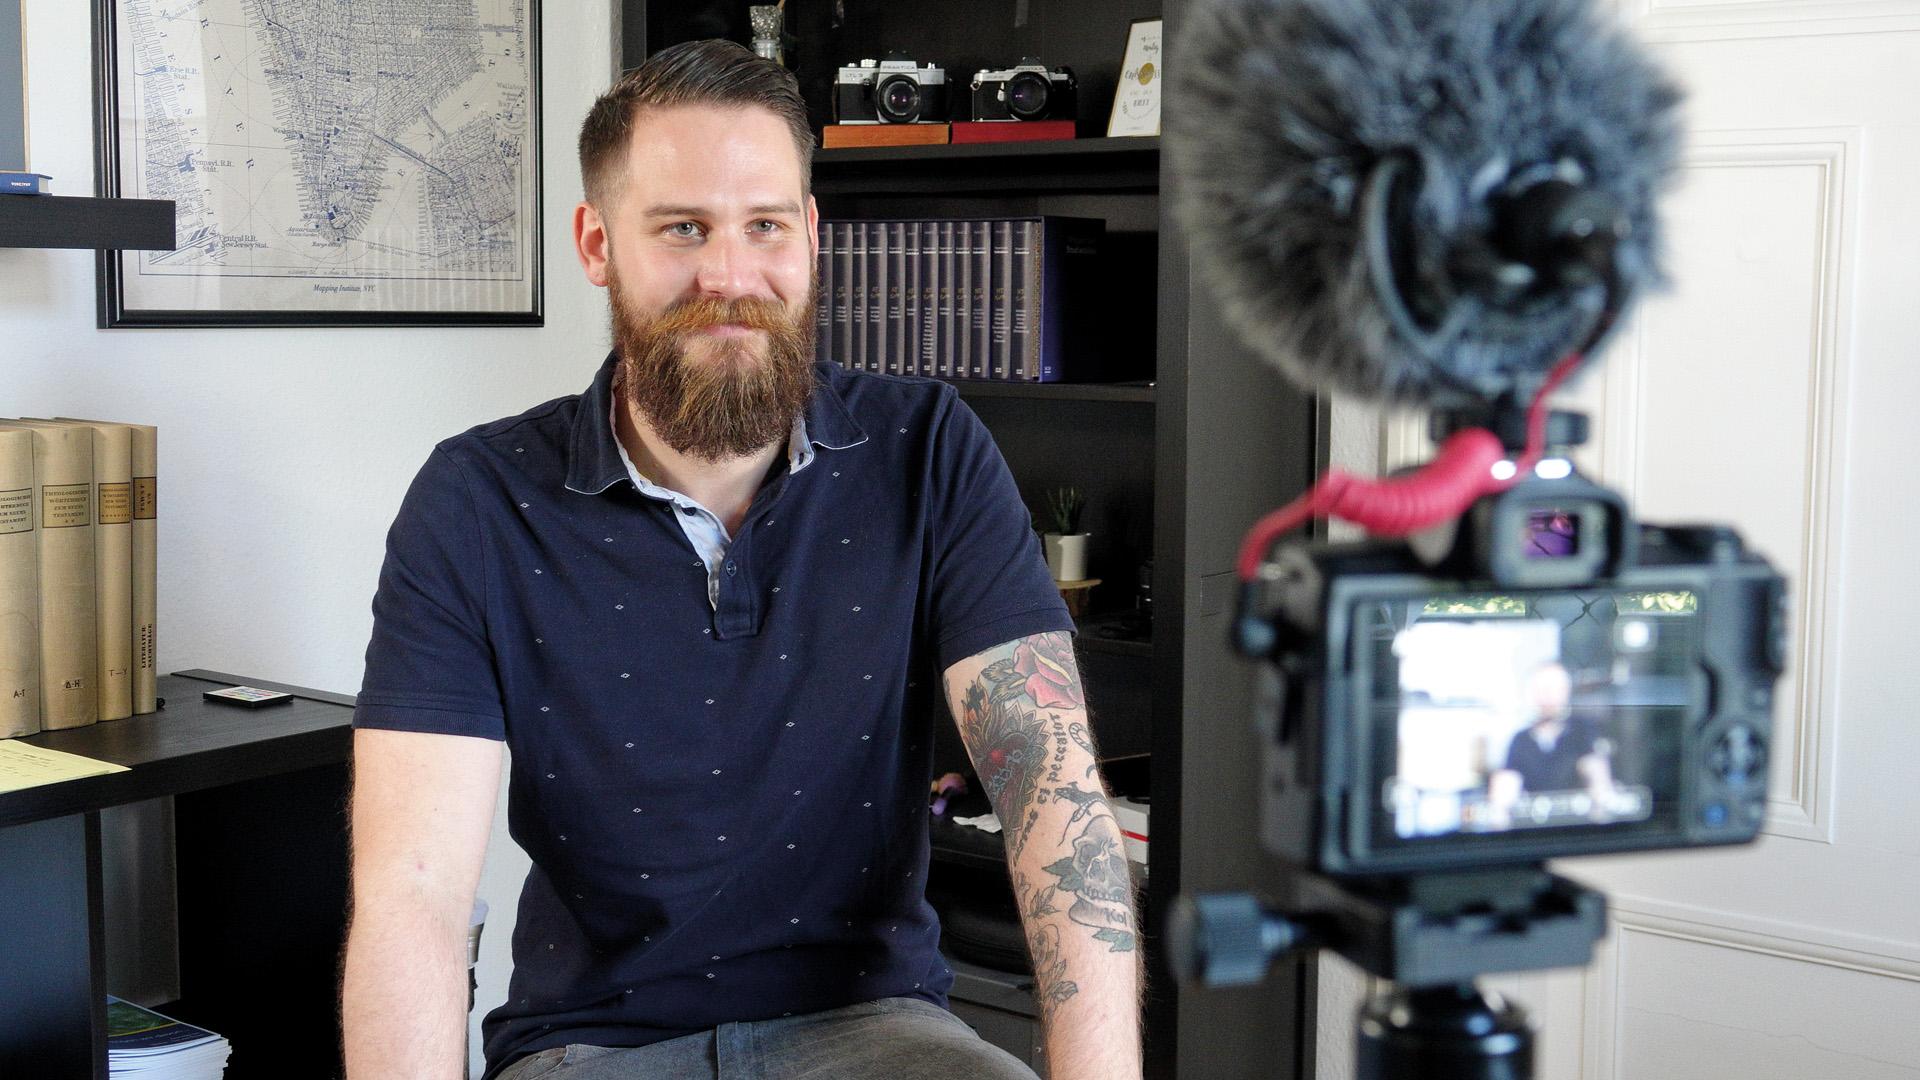 Gunnar Engel veröffentlicht jede Woche ein Video auf YouTube